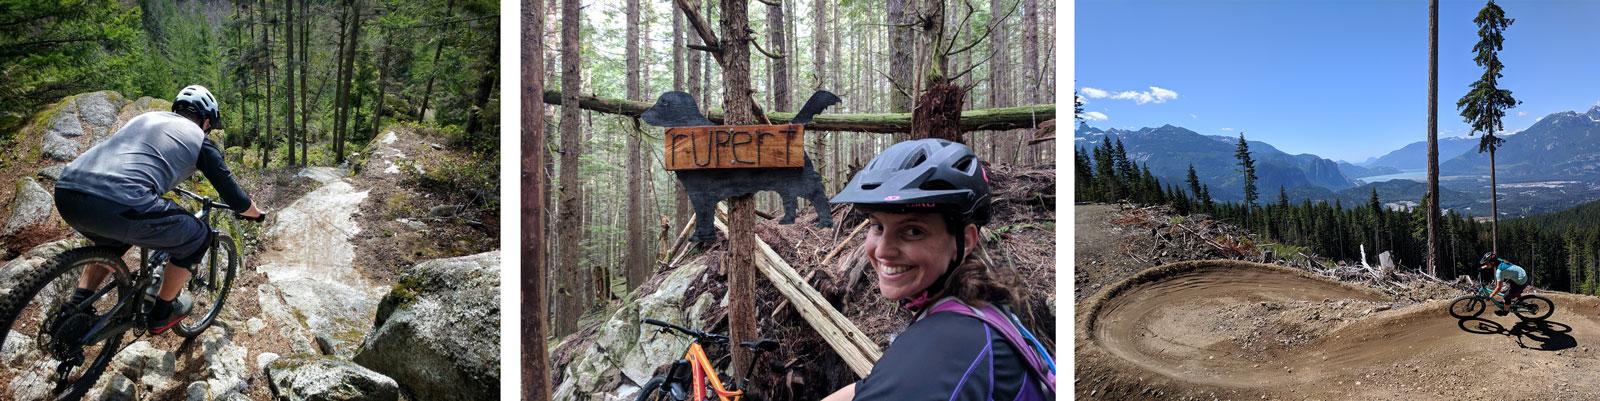 Squamish-Whistler-Pemberton-Fun-MTB